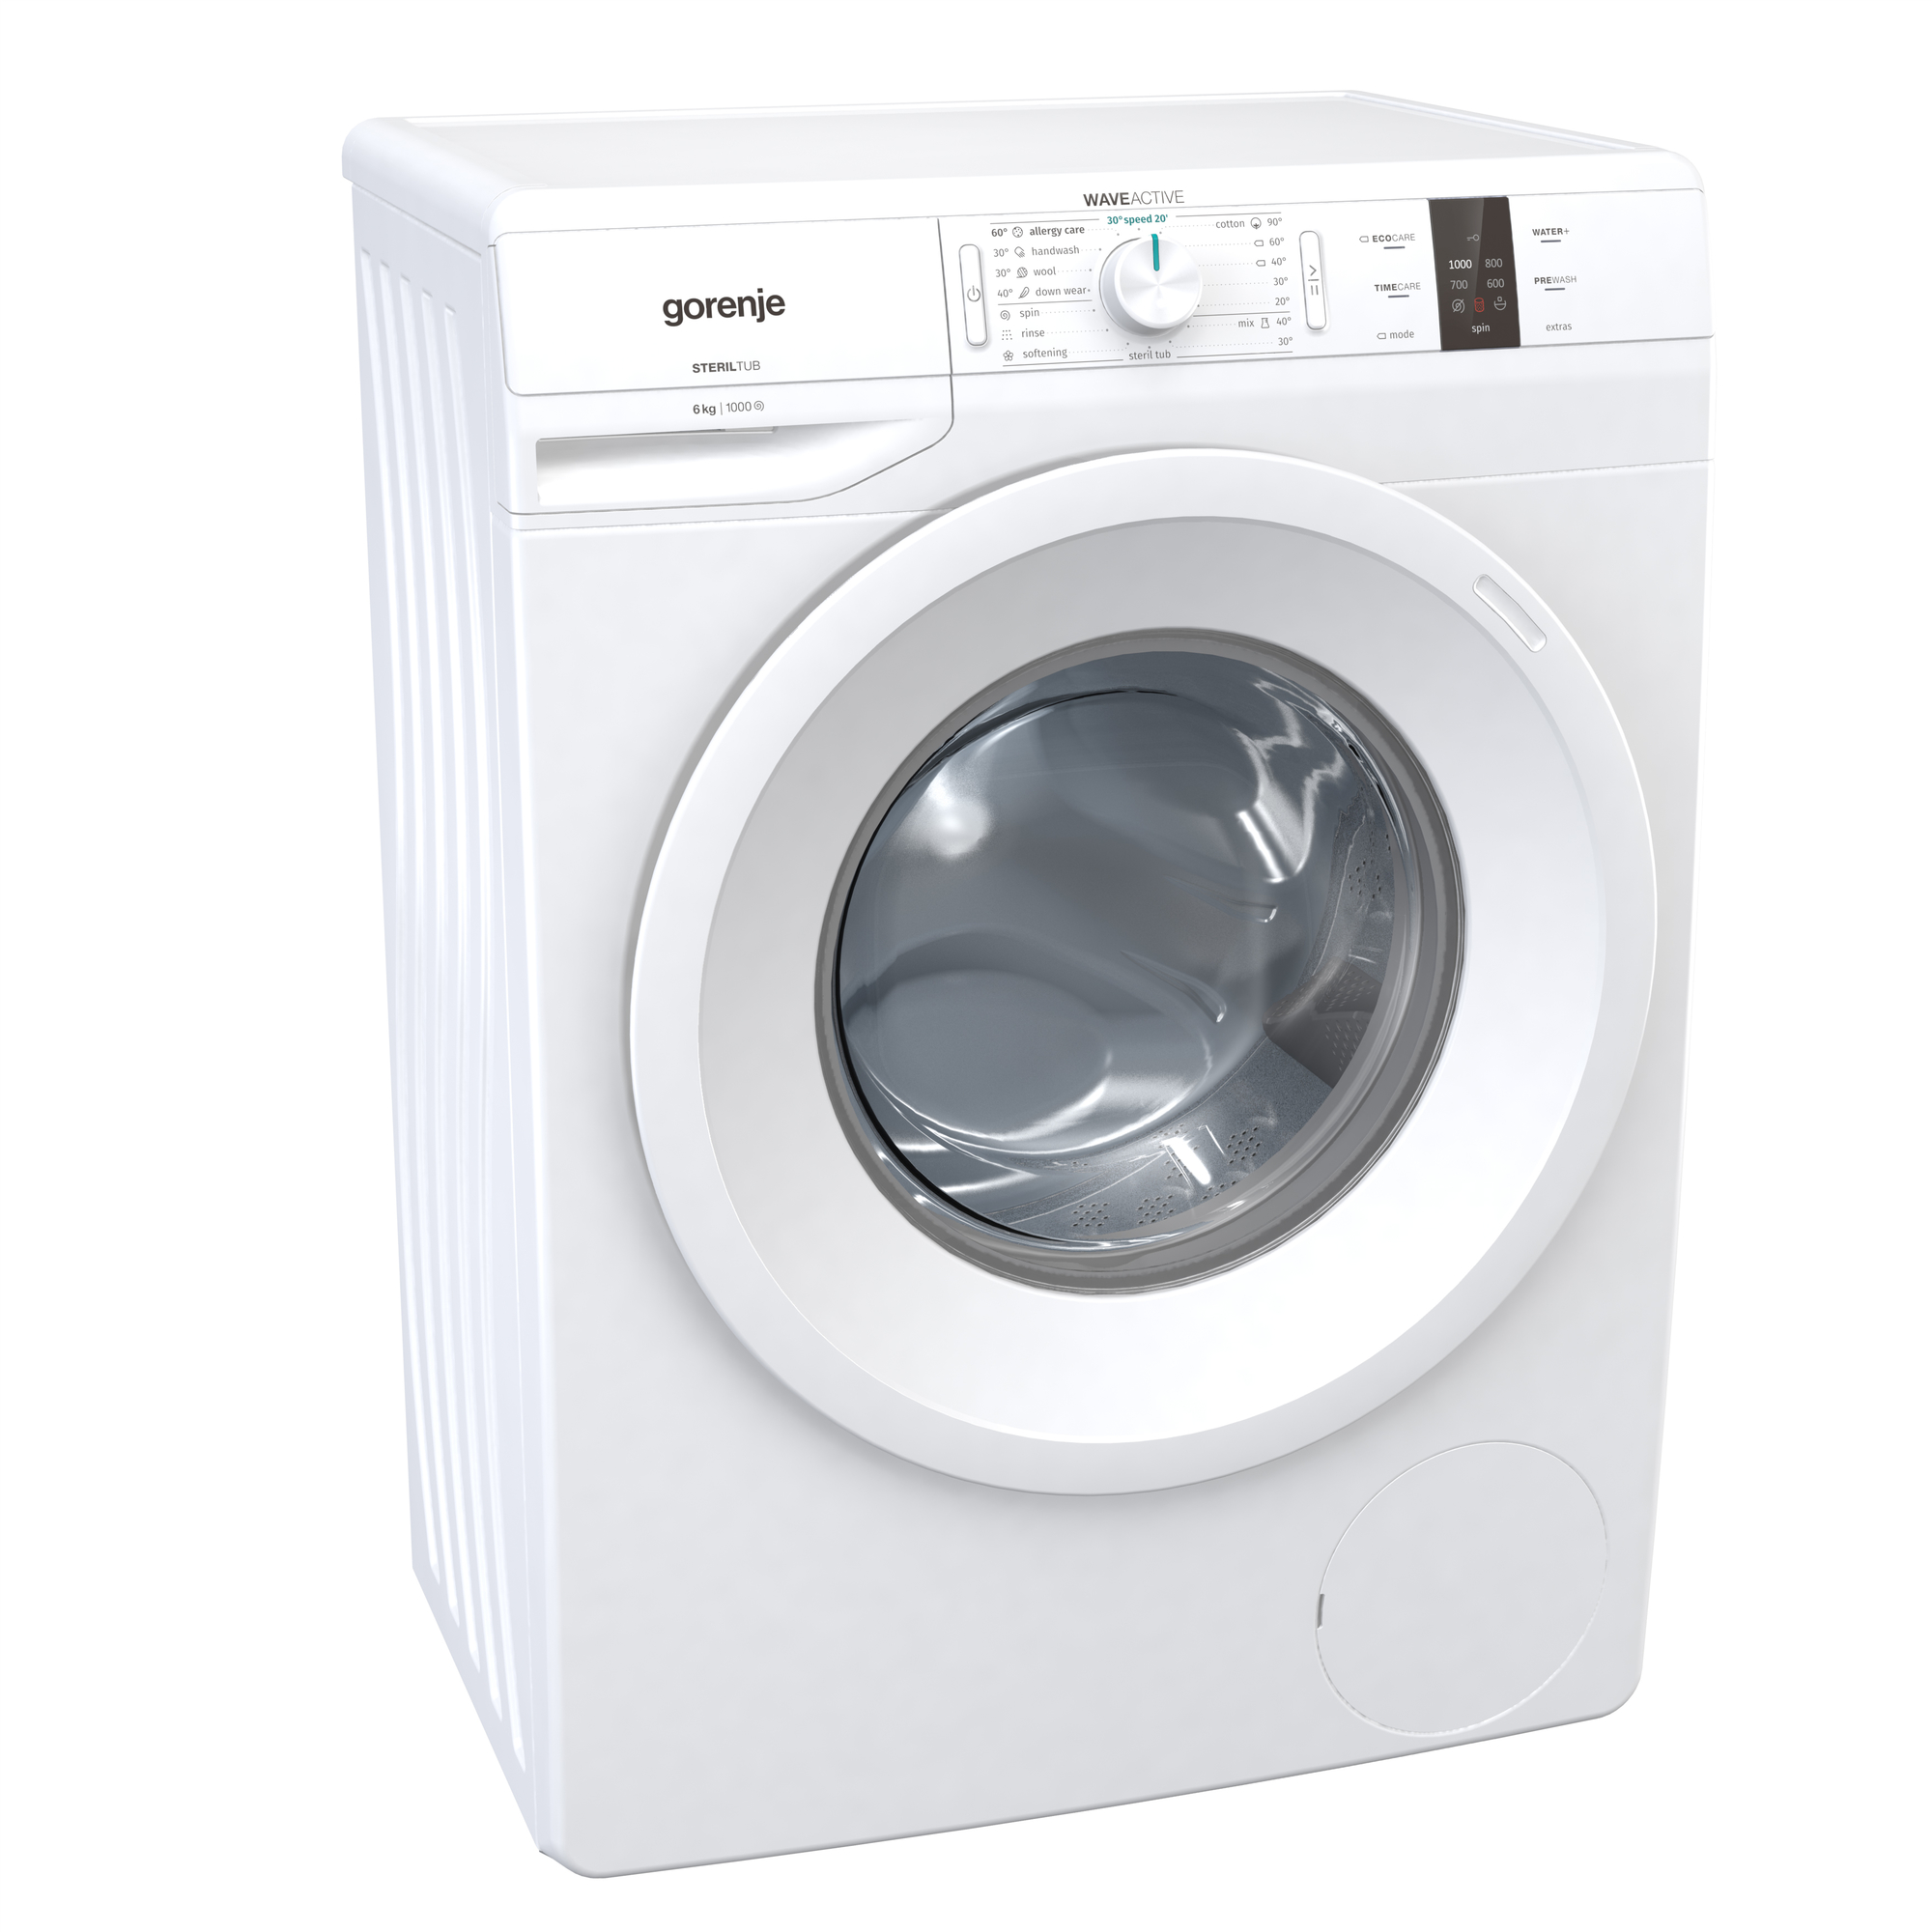 WP60S3-pralni-stroj-gorenje-1_2.jpg